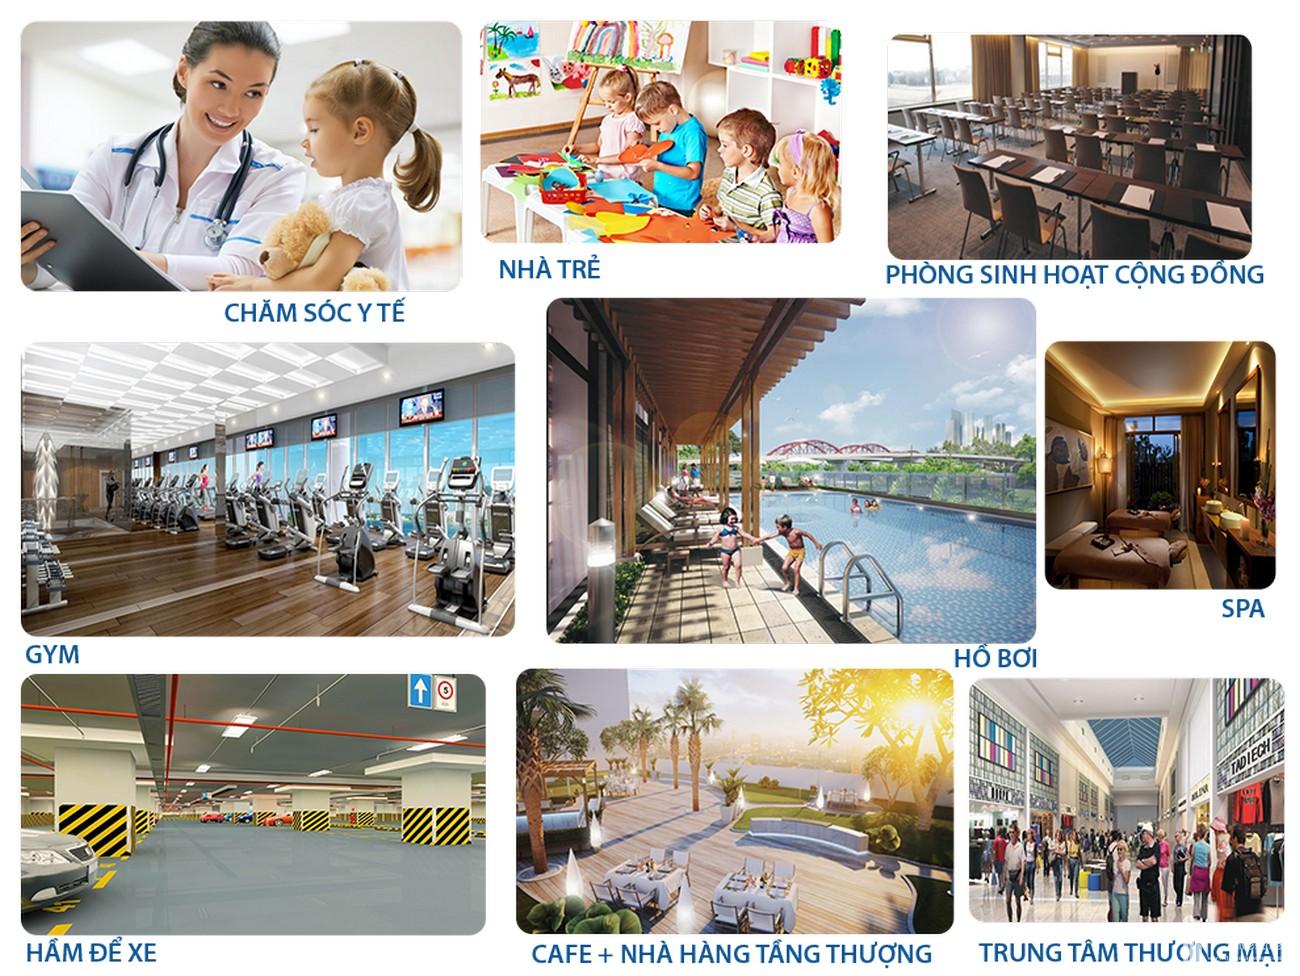 Chuỗi tiện ích dự án đất nền nhà phố biệt thự Icon Central Bình Dương Đường Ngô Chí Quốc chủ đầu tư Hoa Lâm